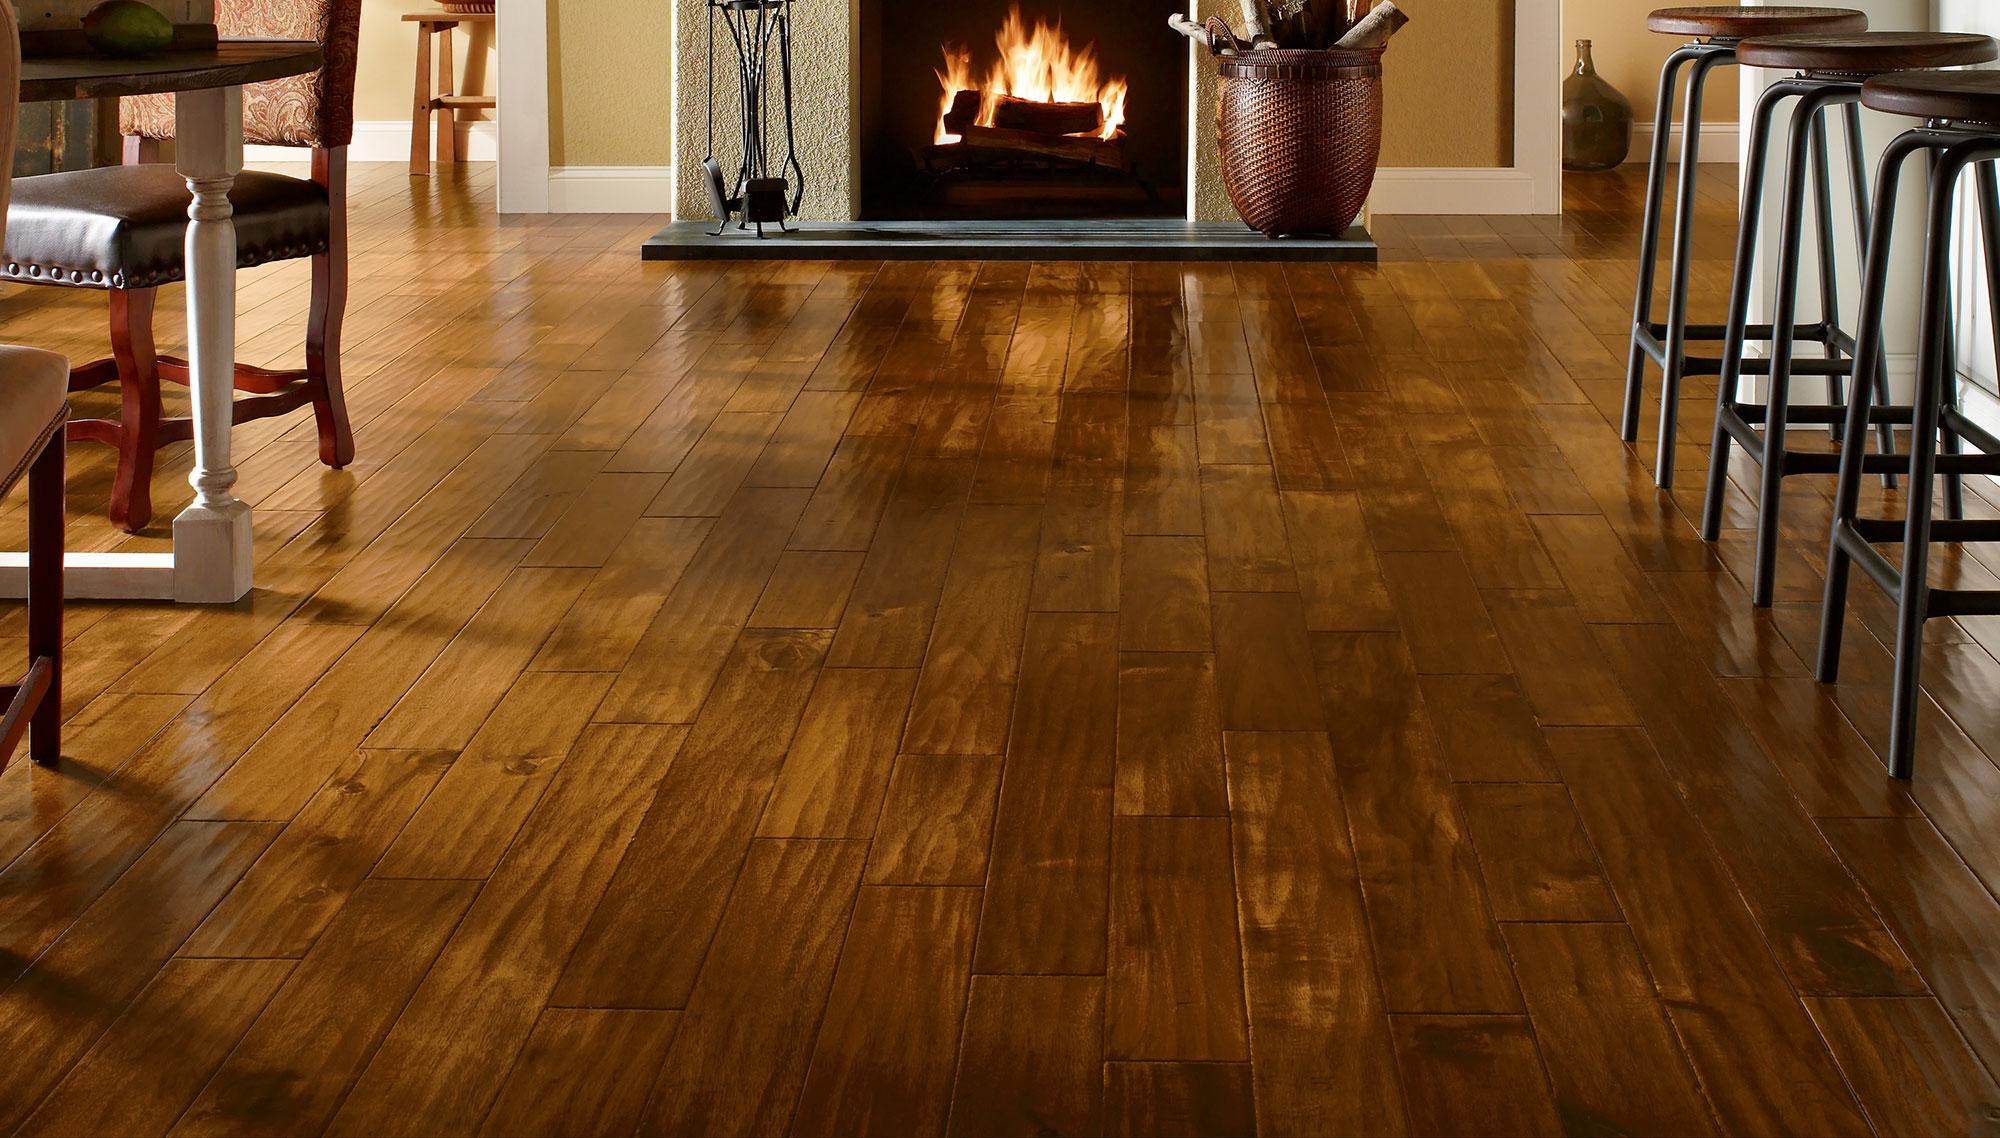 hard wood floors bruce laminate flooring bruce hardwood flooring OKRYUKF